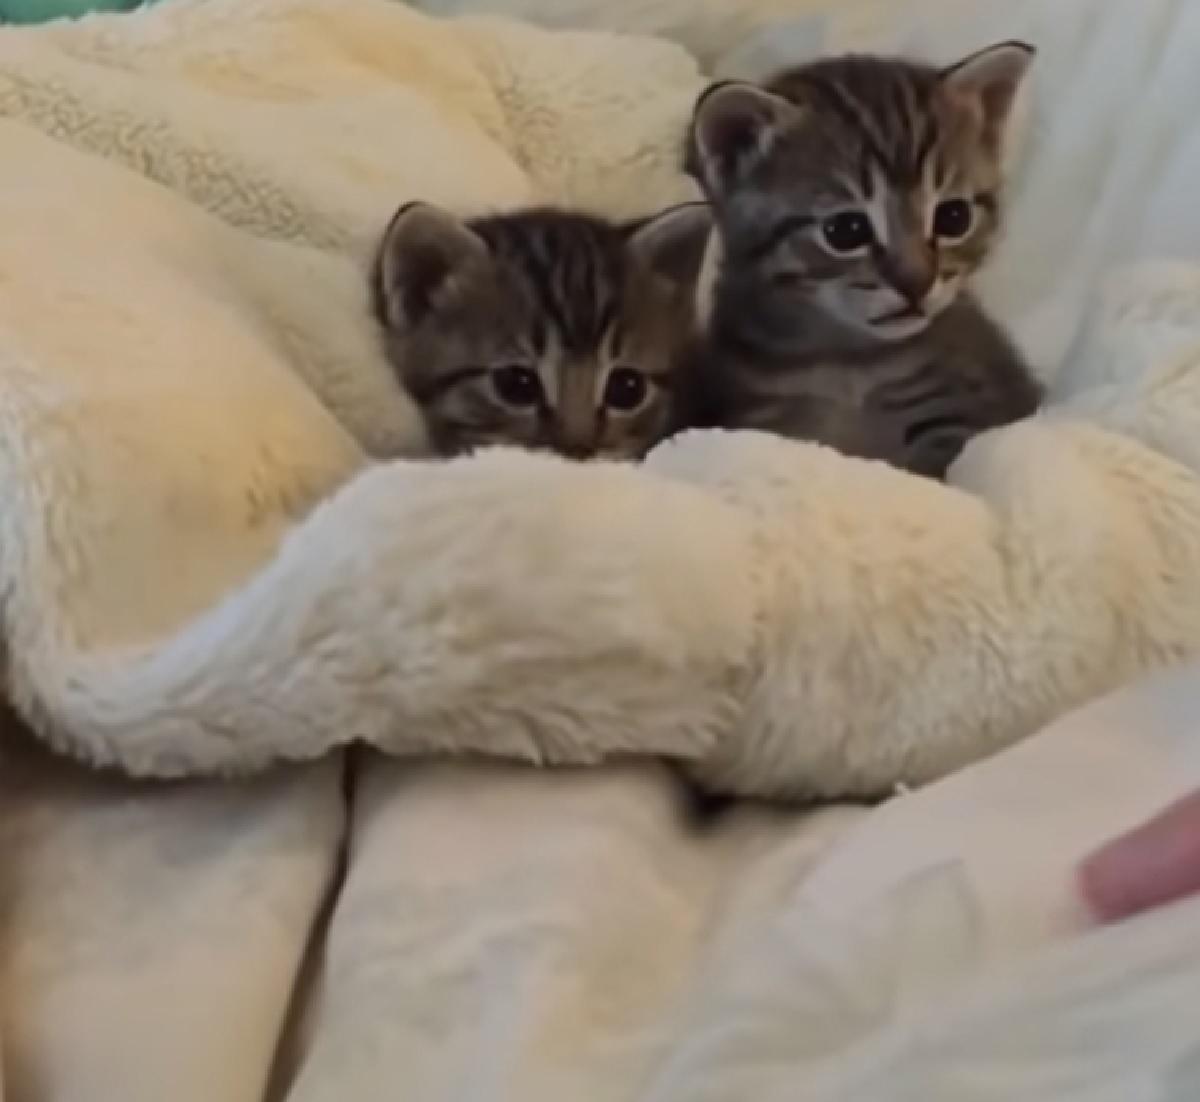 gattini celtici alle prese con dito